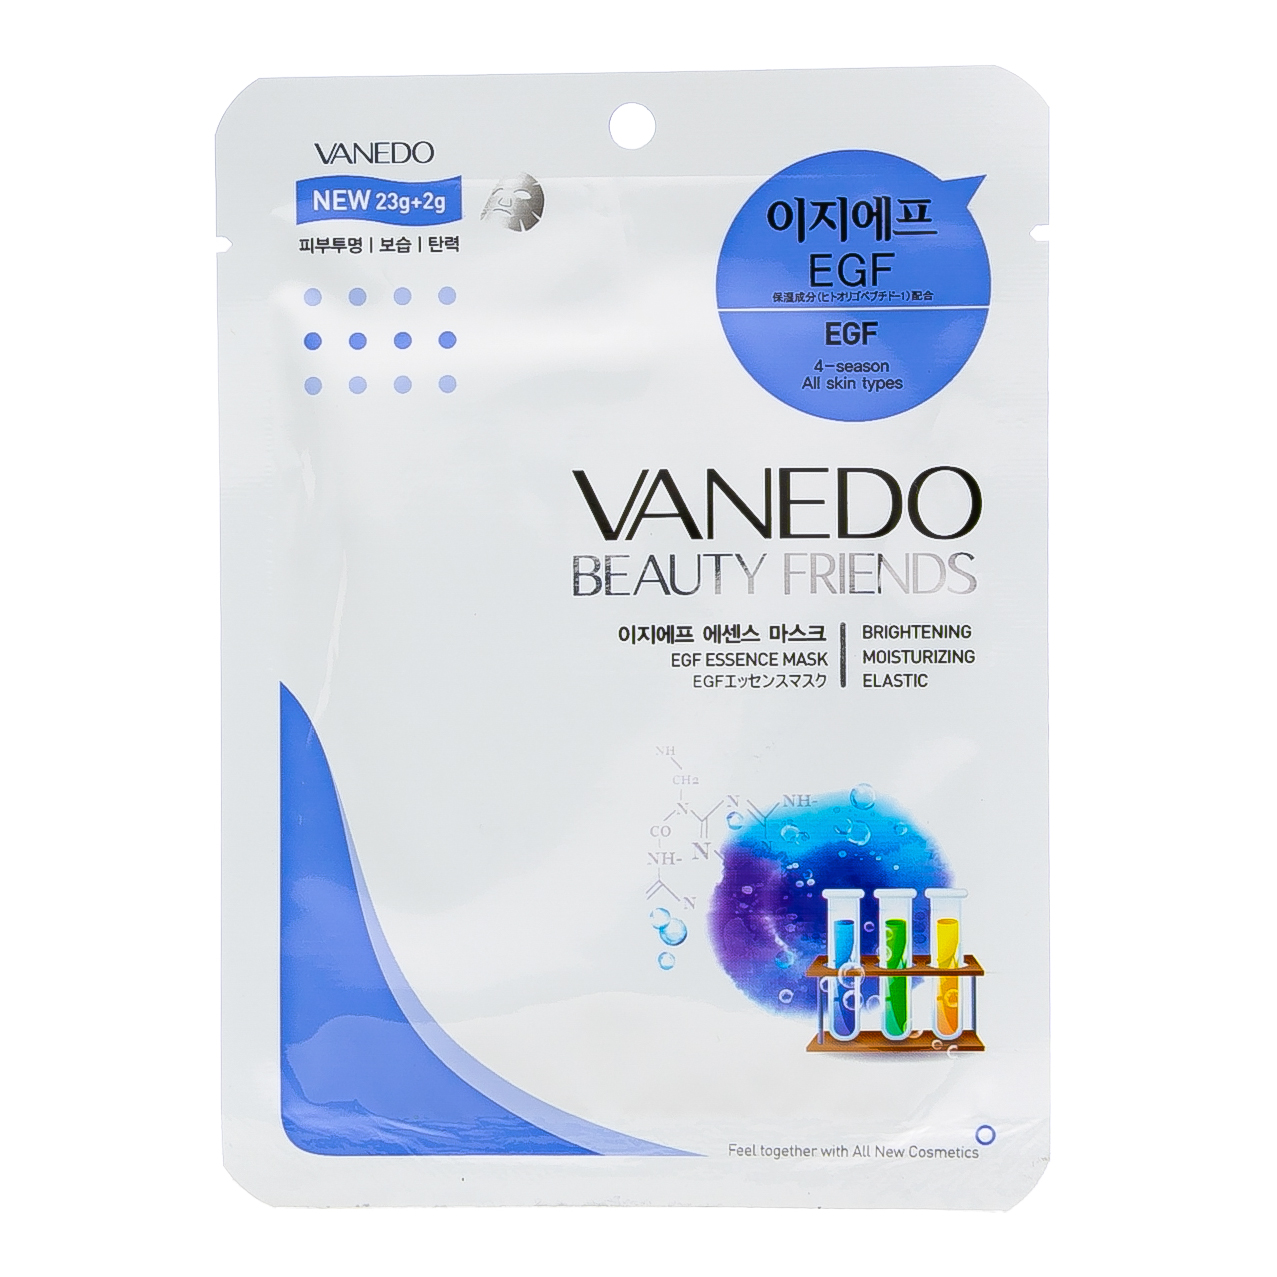 Комплексная антивозрастная маска для лица All New Cosmetic Vanedo Beauty Friends с эссенцией EGF